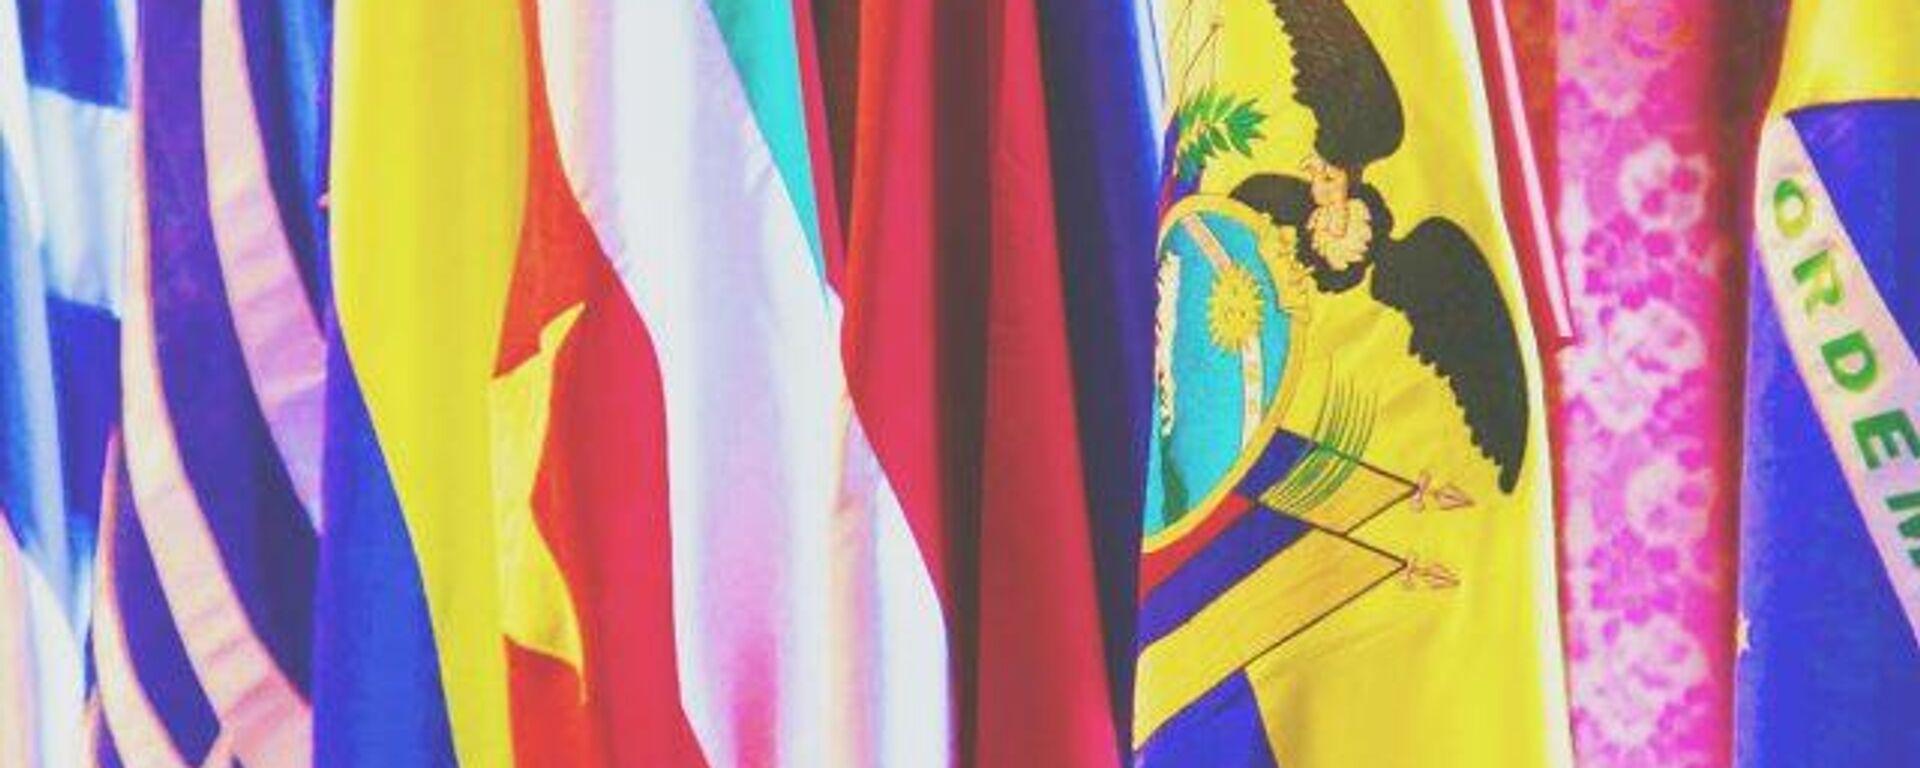 Venezuela: se profundizan relaciones con Rusia tras reunión de Comisión Mixta de Alto nivel - Sputnik Mundo, 1920, 31.03.2021